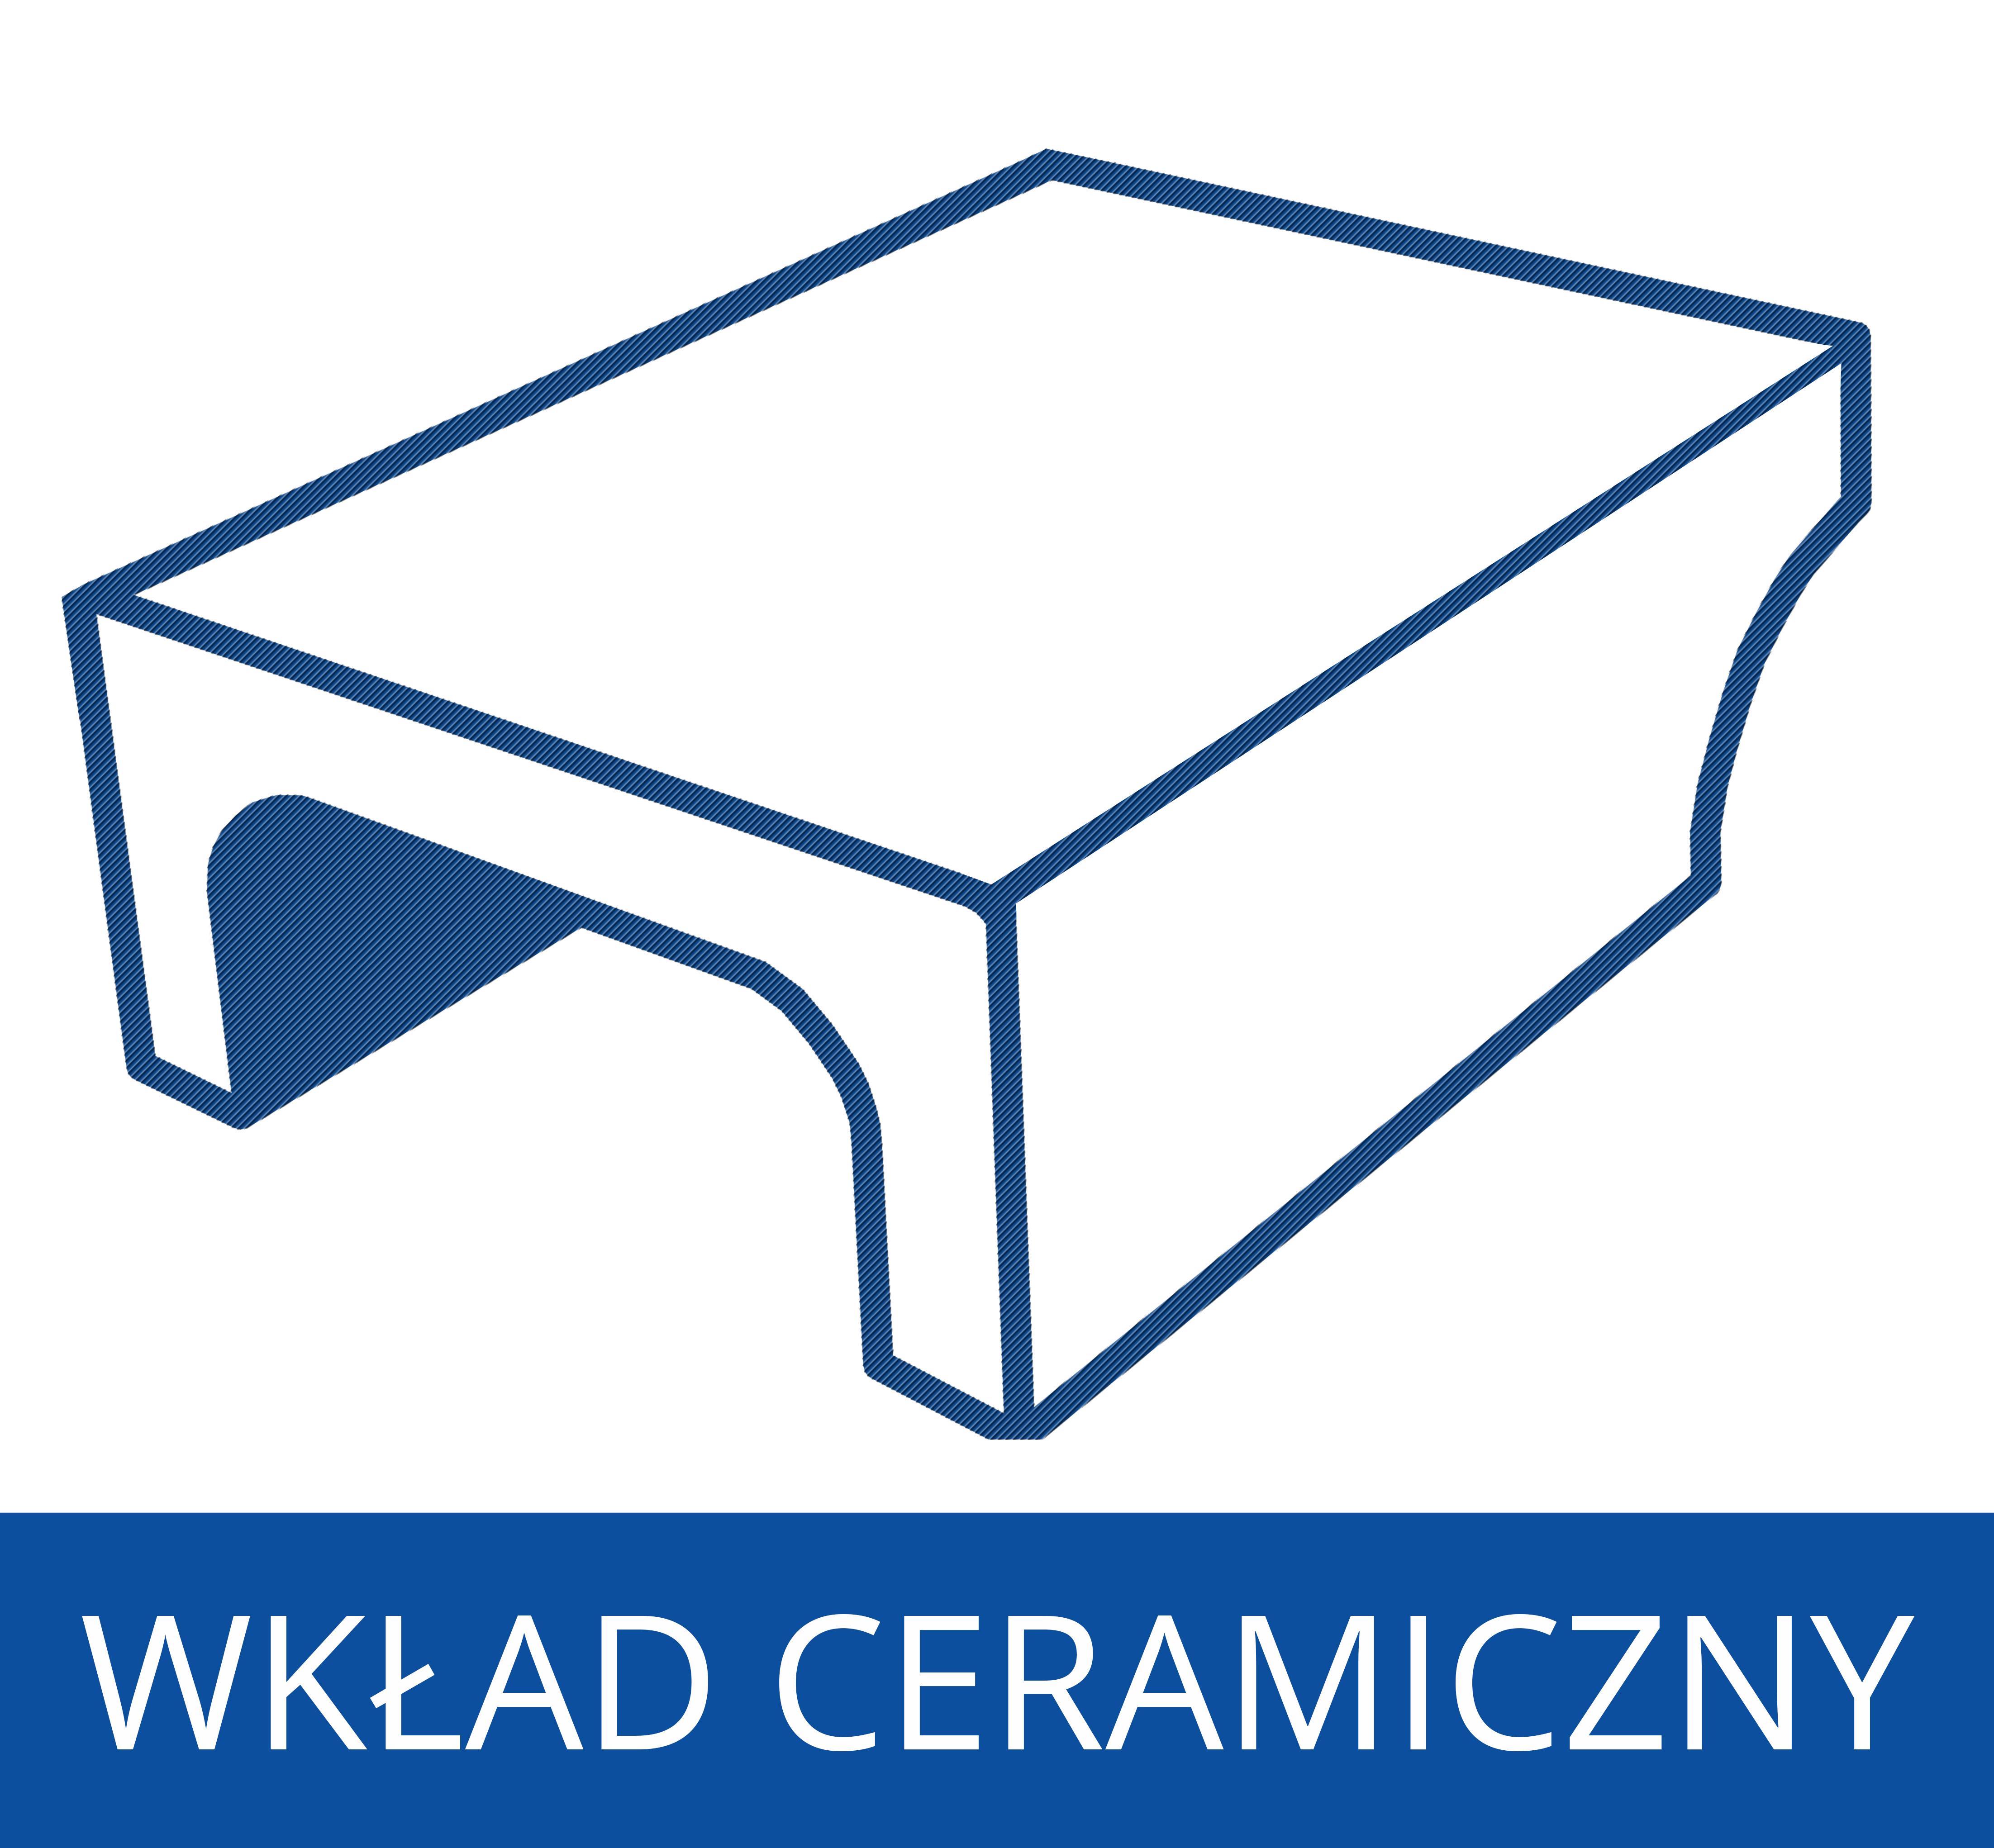 Wkład ceramiczny